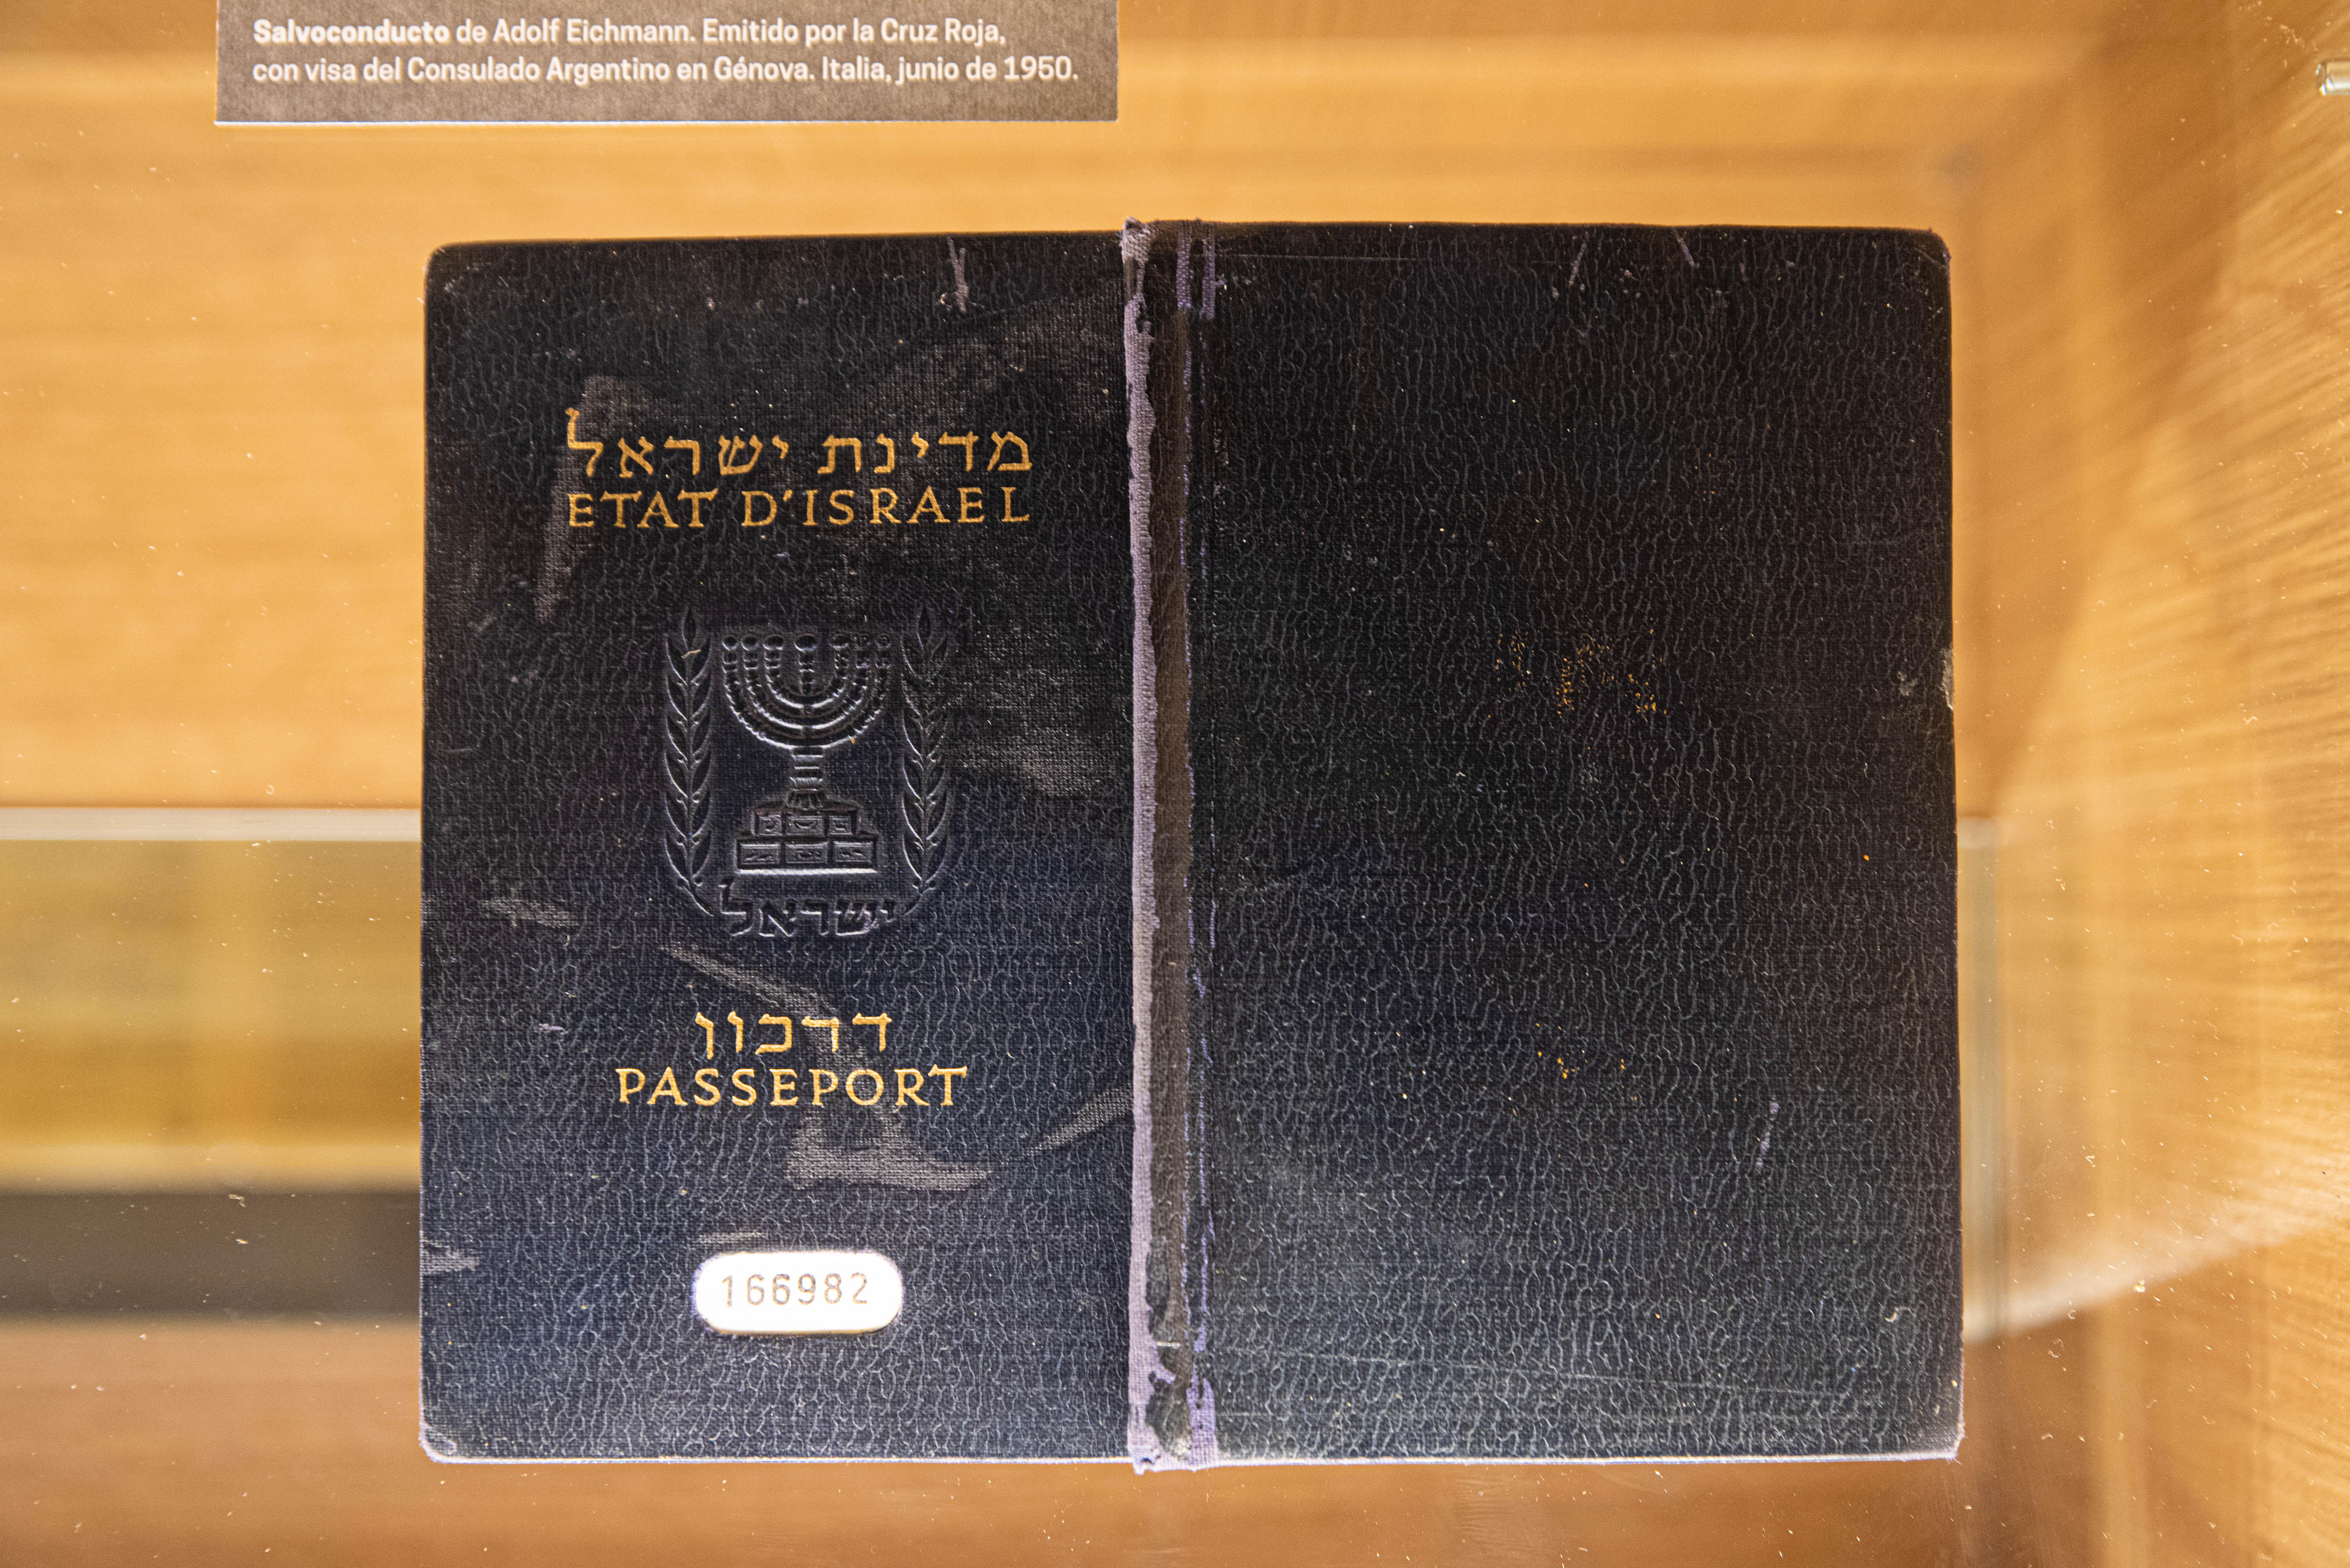 El salvoconducto con el que Adolf Eichmann ingresó al país